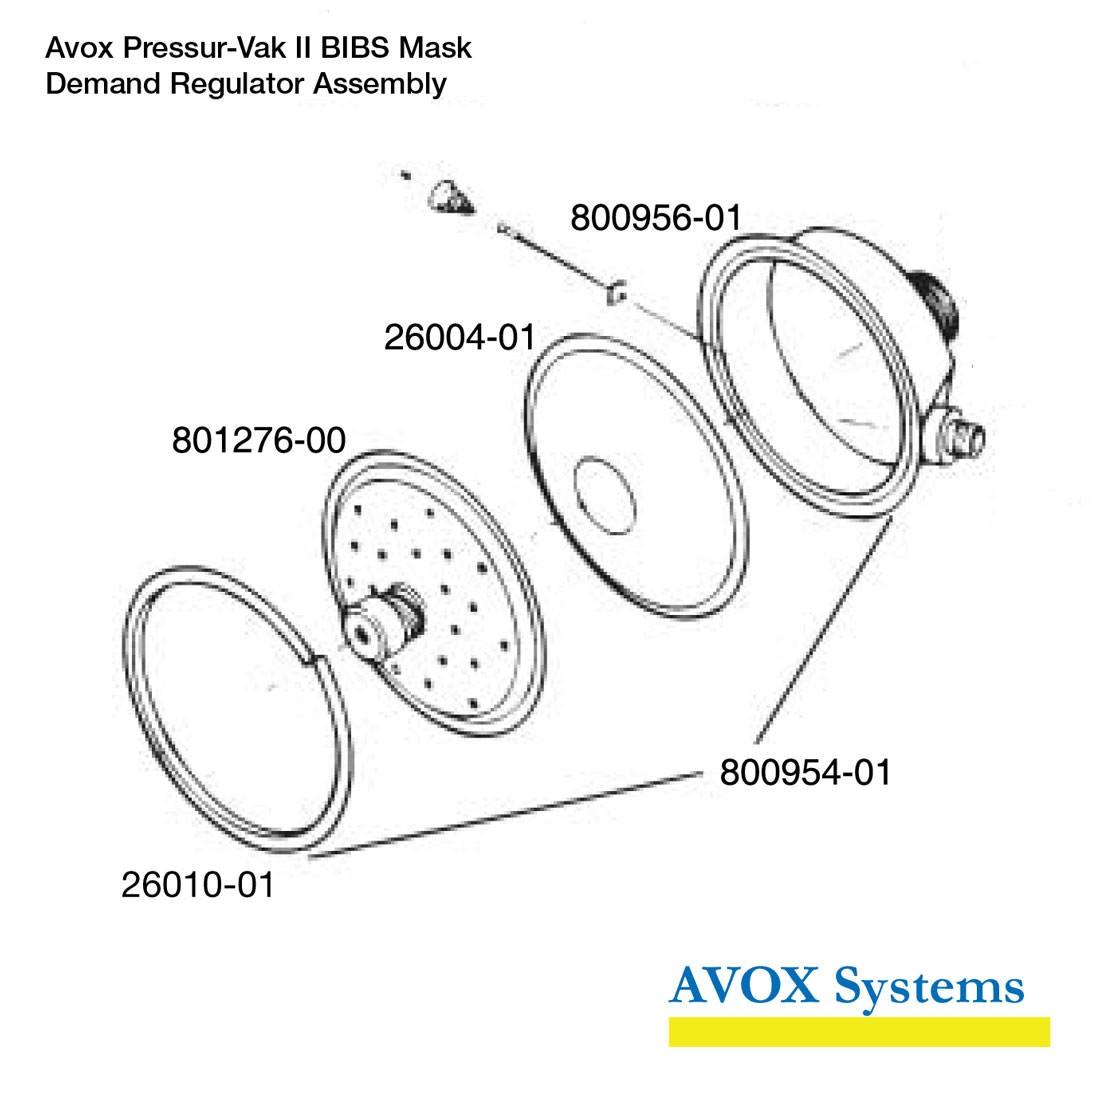 Avox Pressur-Vak II BIBS Mask - Demand Regulator Assembly